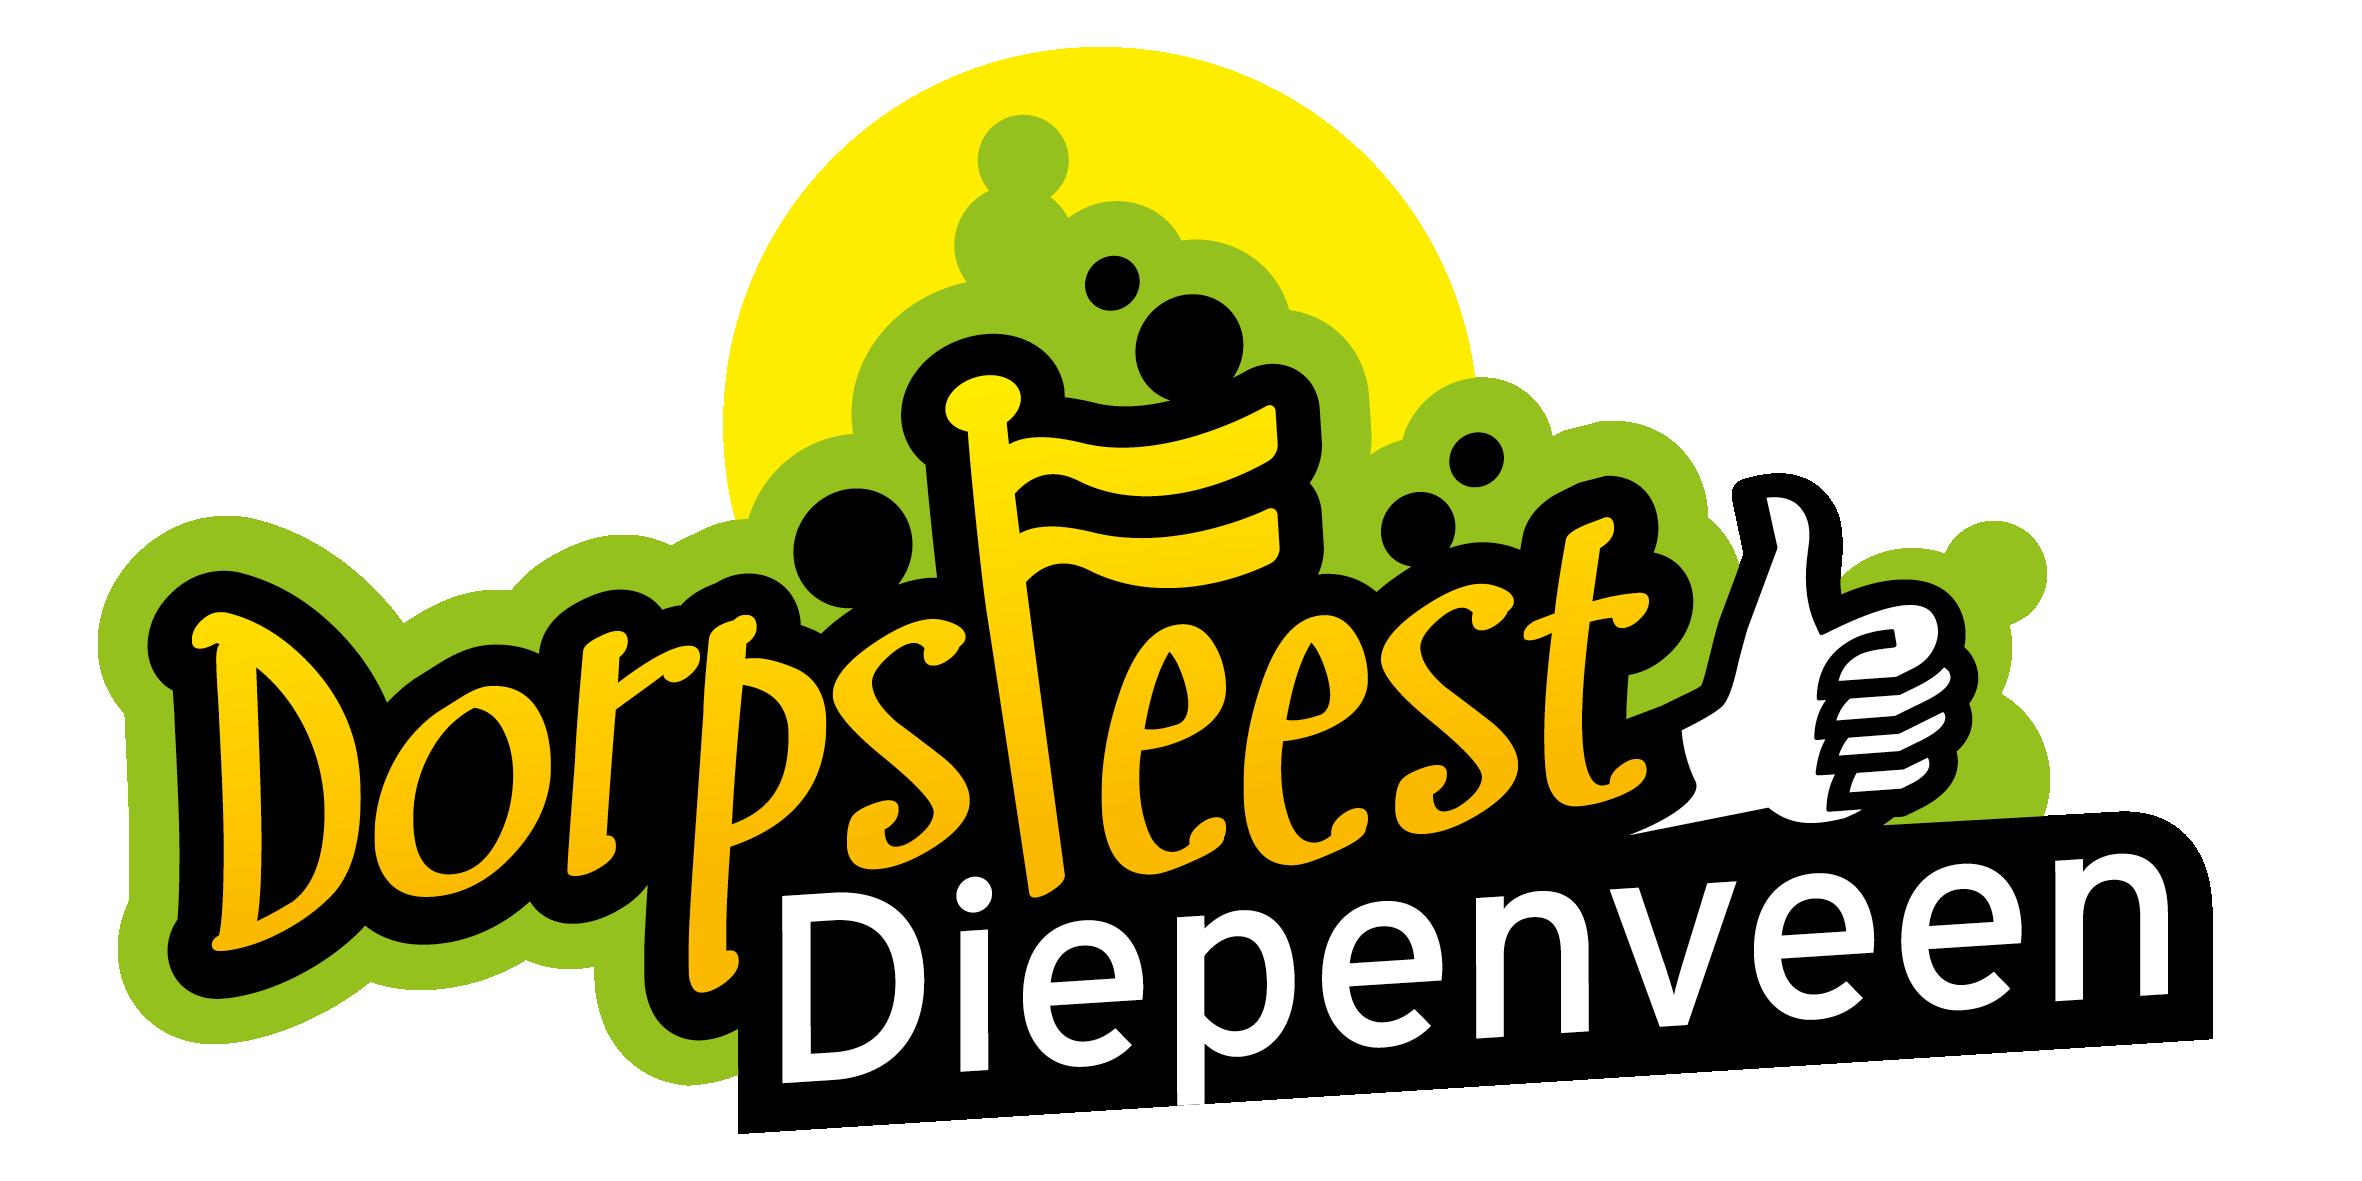 Dorpsfeest Diepenveen